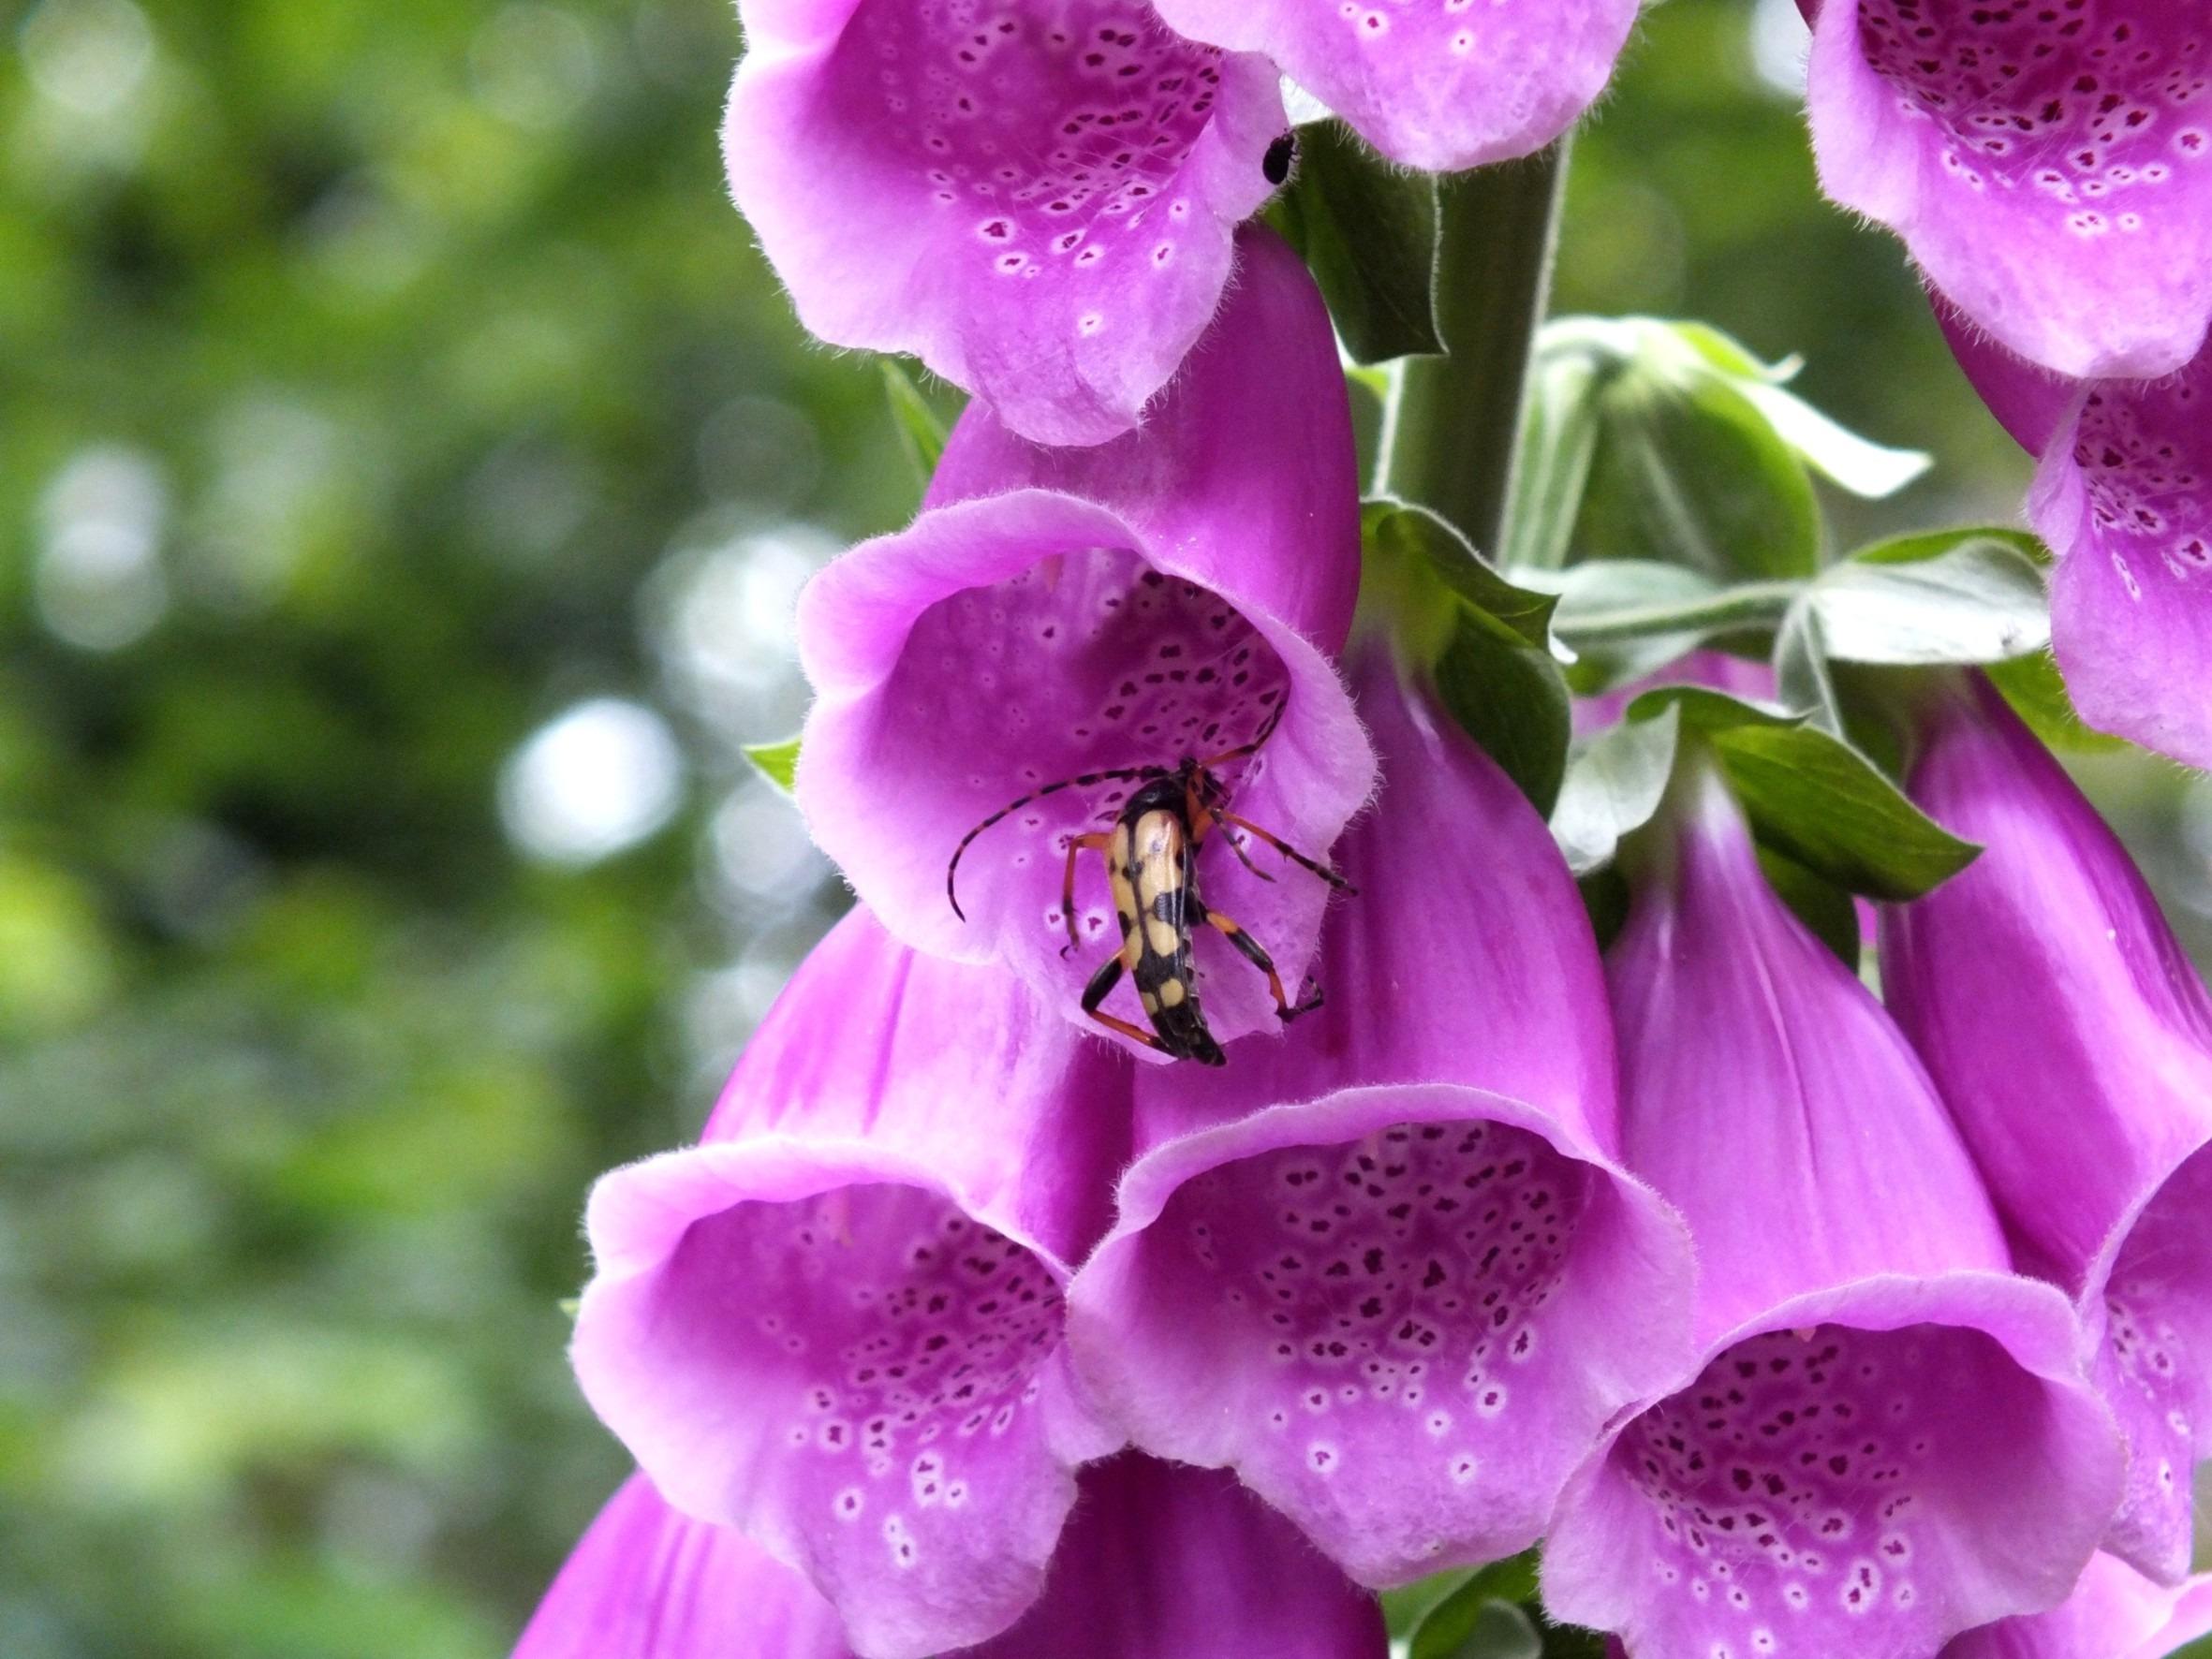 images gratuites : fleur, violet, pétale, floraison, botanique